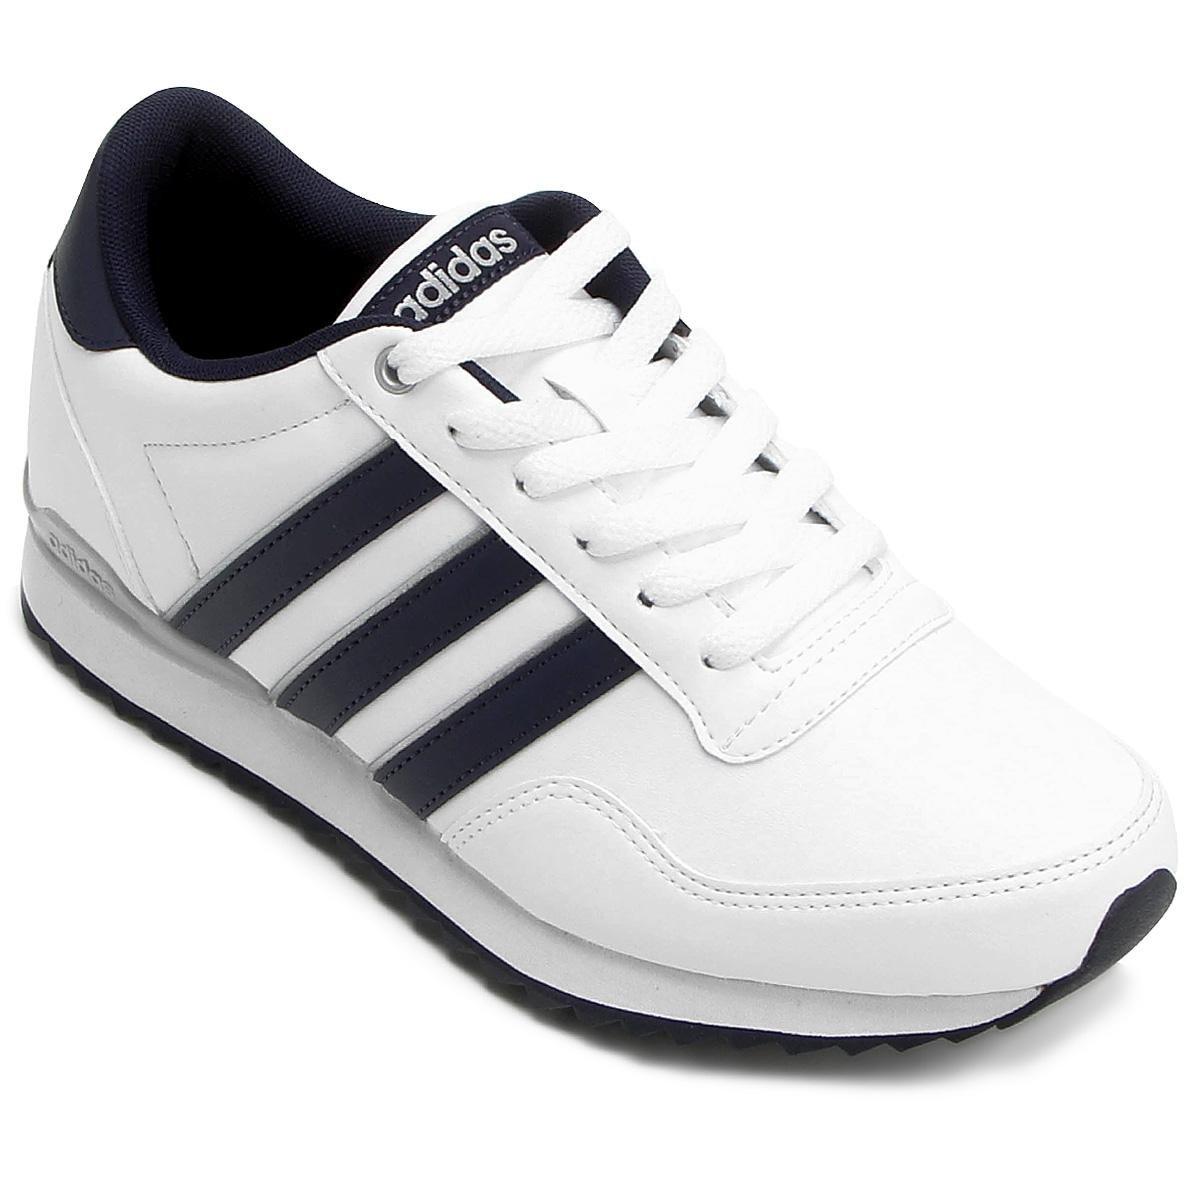 Tᄄᄎnis Adidas Jogger Cl Branco e Marinho